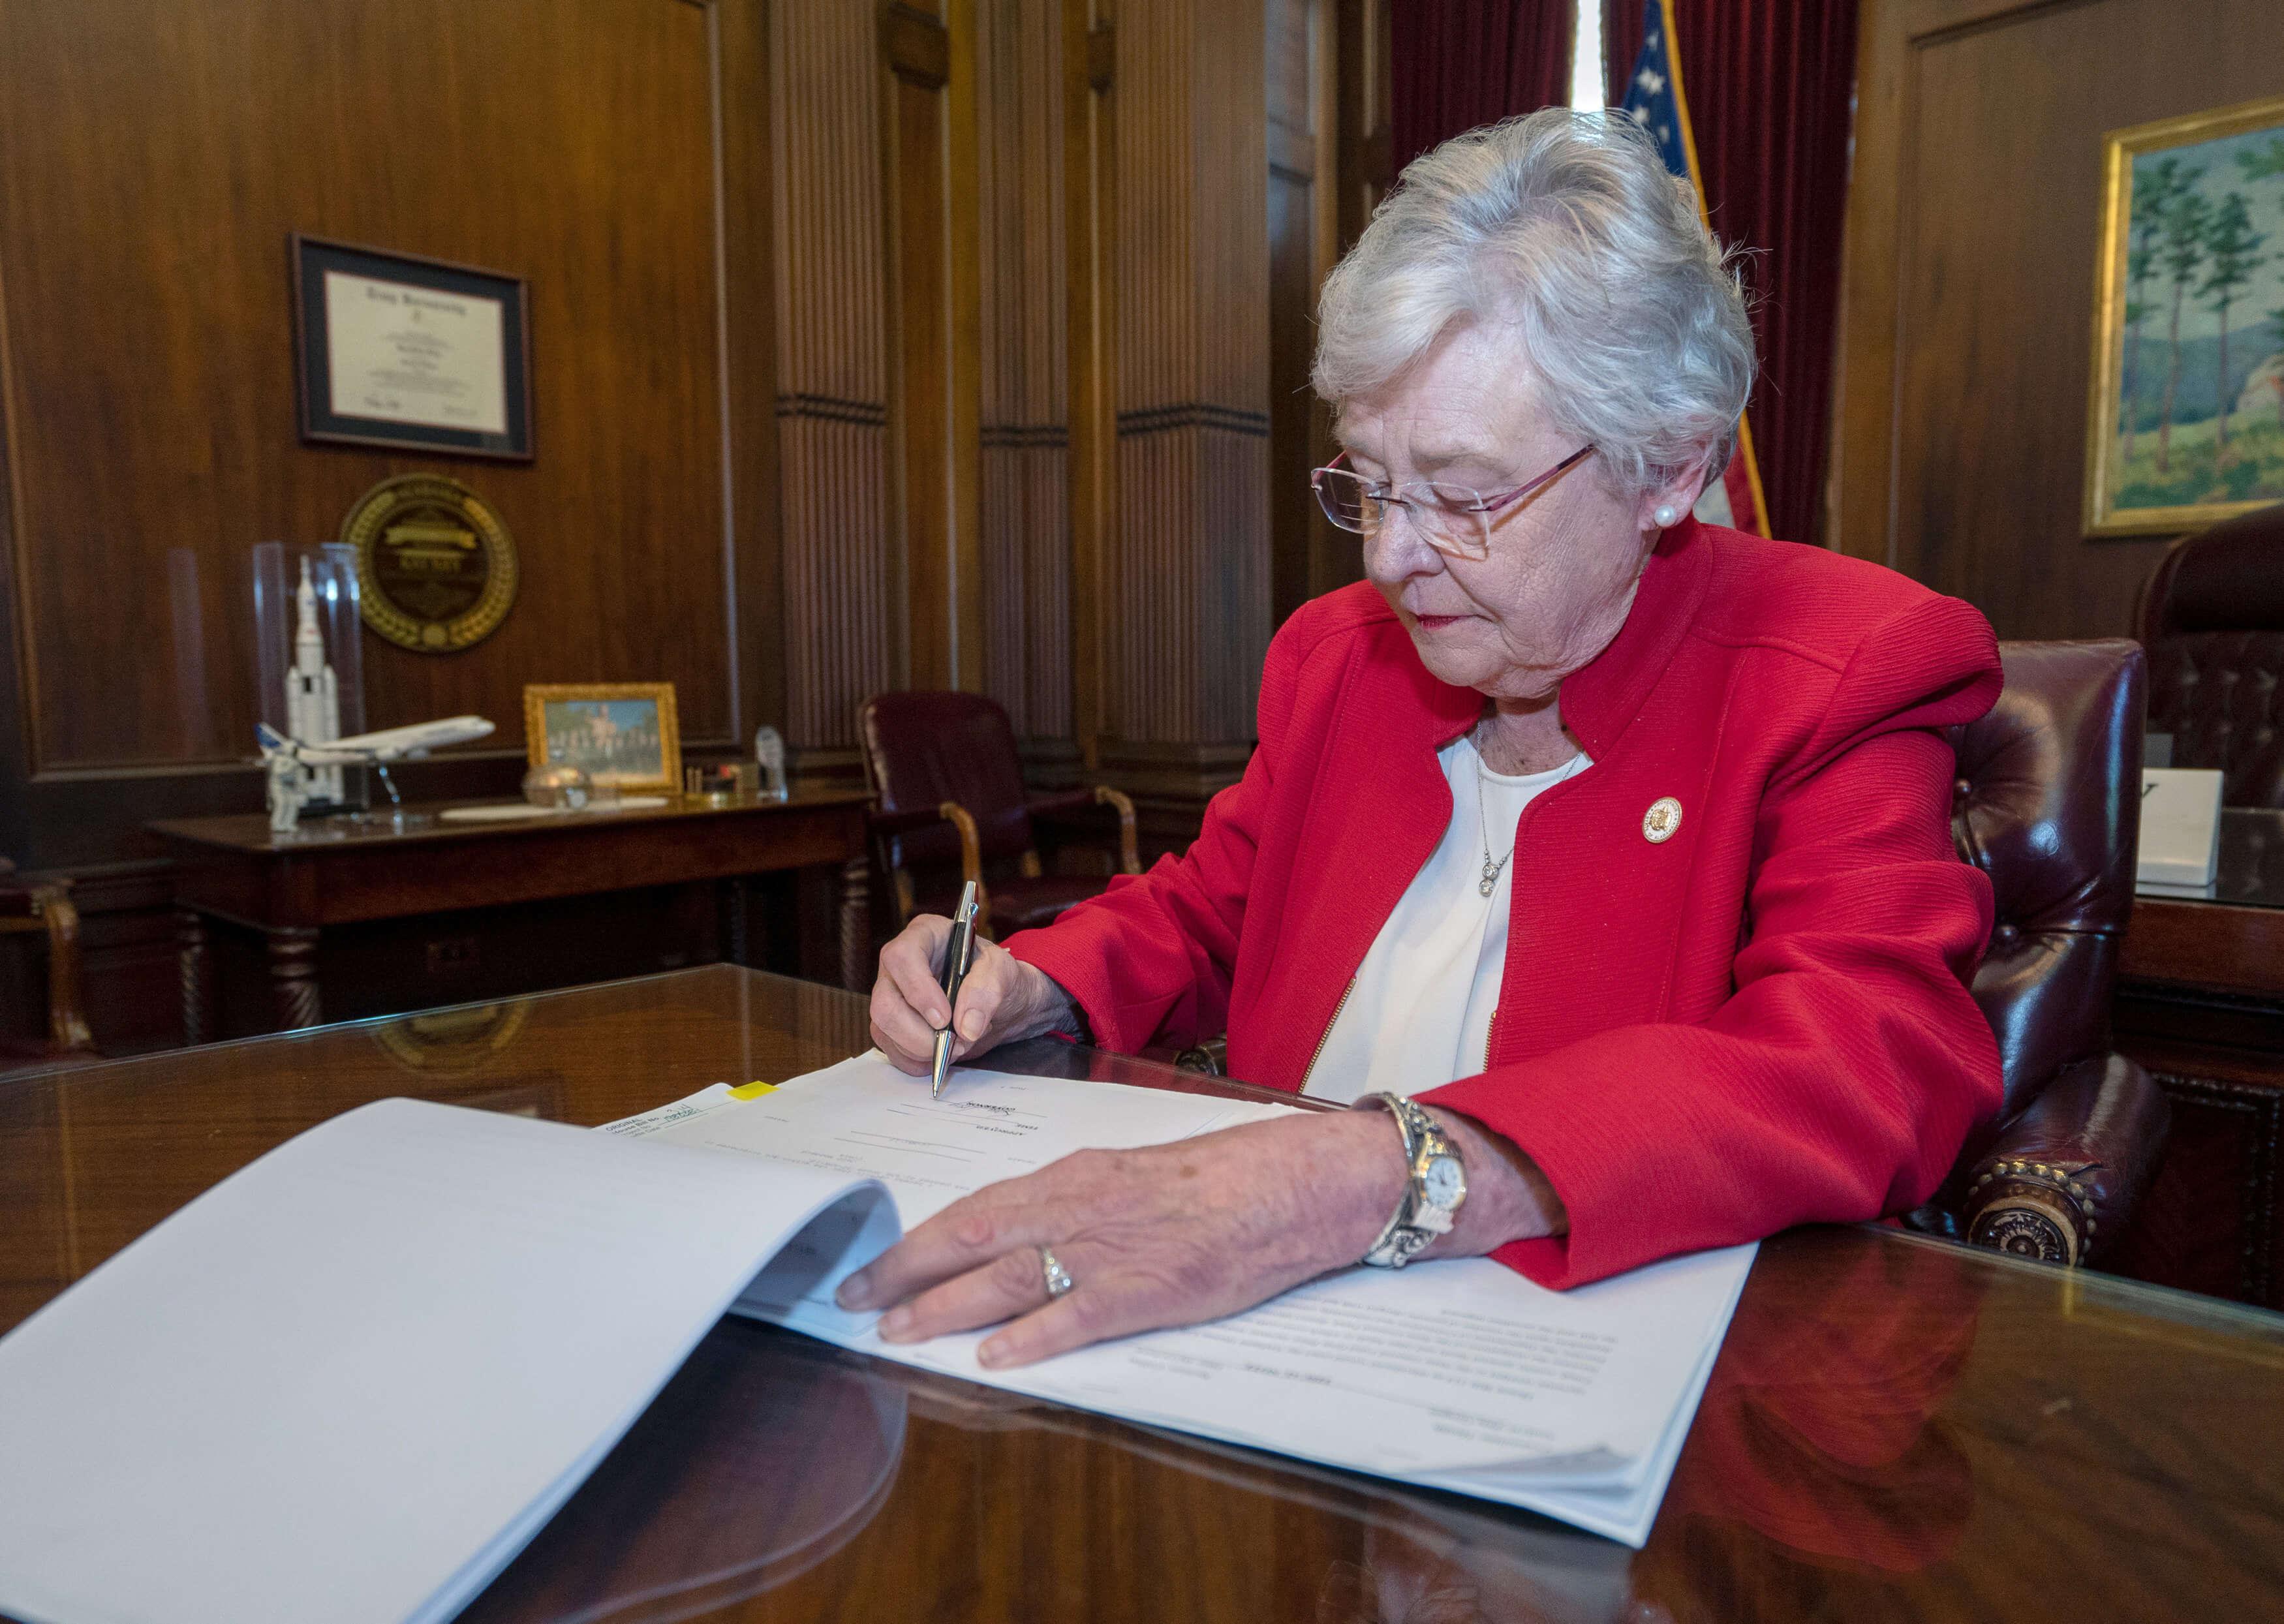 Και επίσημα... Μεσαίωνας στην Αλαμπάμα - Η κυβερνήτρια επικύρωσε την απαγόρευση των αμβλώσεων